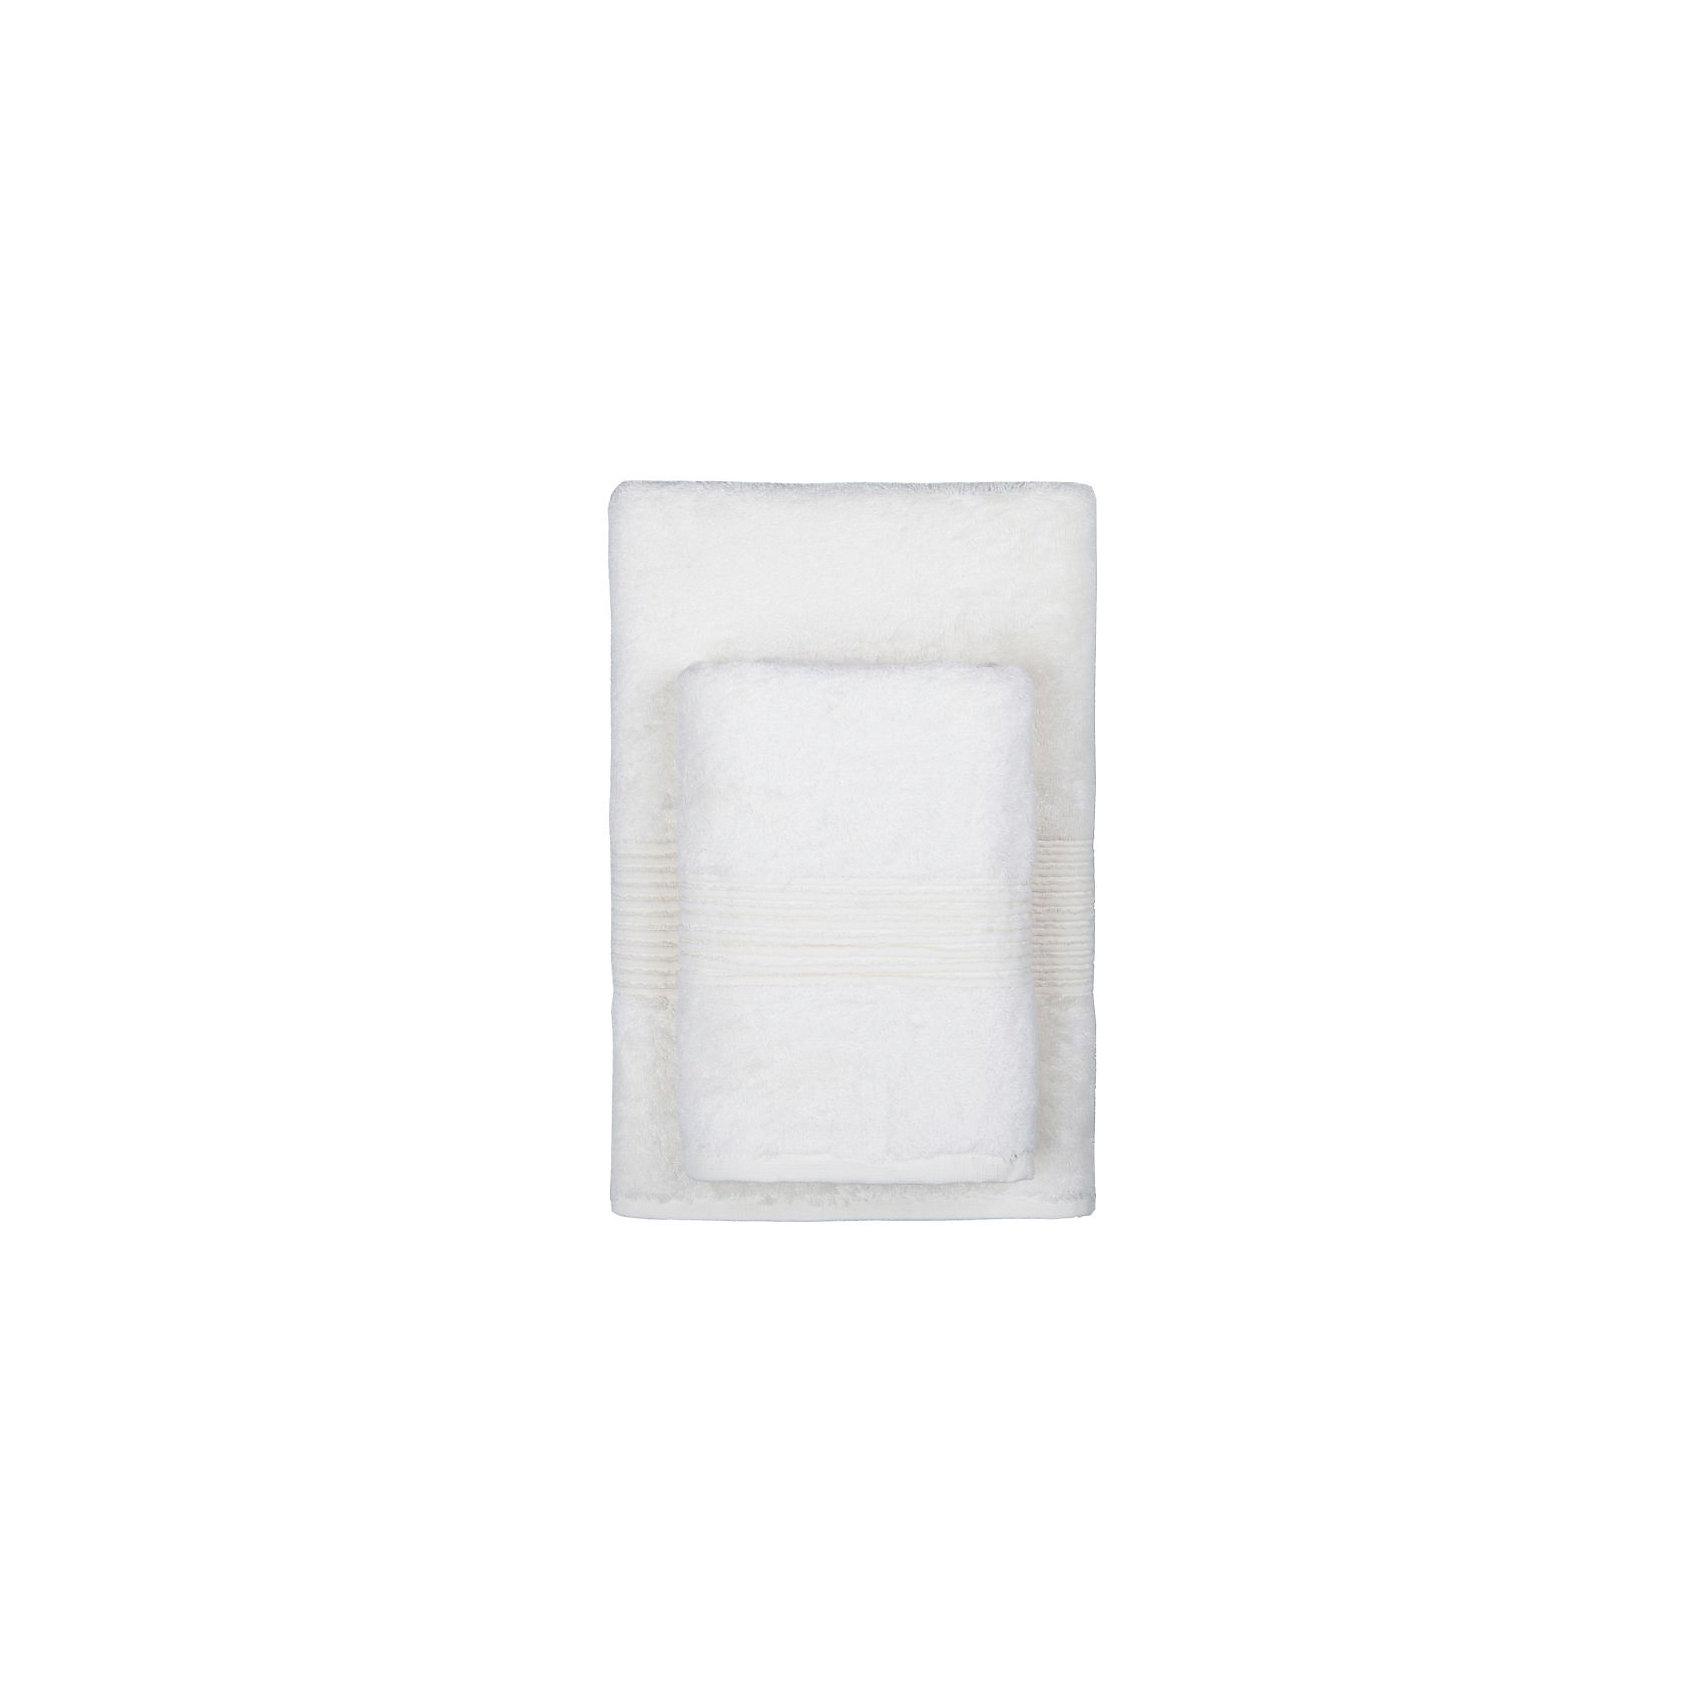 Полотенце махровое Maison Bambu, 70*140, TAC, кремовый (ekru)Ванная комната<br>Характеристики:<br><br>• Вид домашнего текстиля: махровое полотенце<br>• Размеры полотенца: 70*140 см<br>• Рисунок: без рисунка<br>• Декоративные элементы: бордюр<br>• Материал: хлопок, 50% хлопок; бамбук, 50%<br>• Цвет: кремовый<br>• Плотность полотна: 550 гр/м2 <br>• Вес: 550 г<br>• Размеры упаковки (Д*Ш*В): 37*5*25 см<br>• Особенности ухода: машинная стирка <br><br>Полотенце махровое Maison Bambu, 70*140, TAC, кремовый (ekru) от наиболее популярного бренда на отечественном рынке среди производителей комплектов постельного белья и текстильных принадлежностей, выпуском которого занимается производственная компания, являющаяся частью мирового холдинга Zorlu Holding Textiles Group. Полотенце выполнено из сочетания натурального хлопка и бамбукового волокна, что обеспечивает гипоаллергенность, высокую износоустойчивость, повышенные гигкоскопические и антибактериальные свойства изделия. <br><br>Благодаря высокой степени плотности махры, полотенце отлично впитывает влагу, но при этом остается мягким. Ворс окрашен стойкими нетоксичными красителями, который не оставляет запаха и обеспечивает ровный окрас. Полотенце сохраняет свой цвет и форму даже при частых стирках. Выполнено в кремовом цвете без рисунка, декорировано бордюром.<br><br>Полотенце махровое Maison Bambu, 70*140, TAC, кремовый (ekru) можно купить в нашем интернет-магазине.<br><br>Ширина мм: 250<br>Глубина мм: 30<br>Высота мм: 350<br>Вес г: 500<br>Возраст от месяцев: 216<br>Возраст до месяцев: 1188<br>Пол: Унисекс<br>Возраст: Детский<br>SKU: 5476327